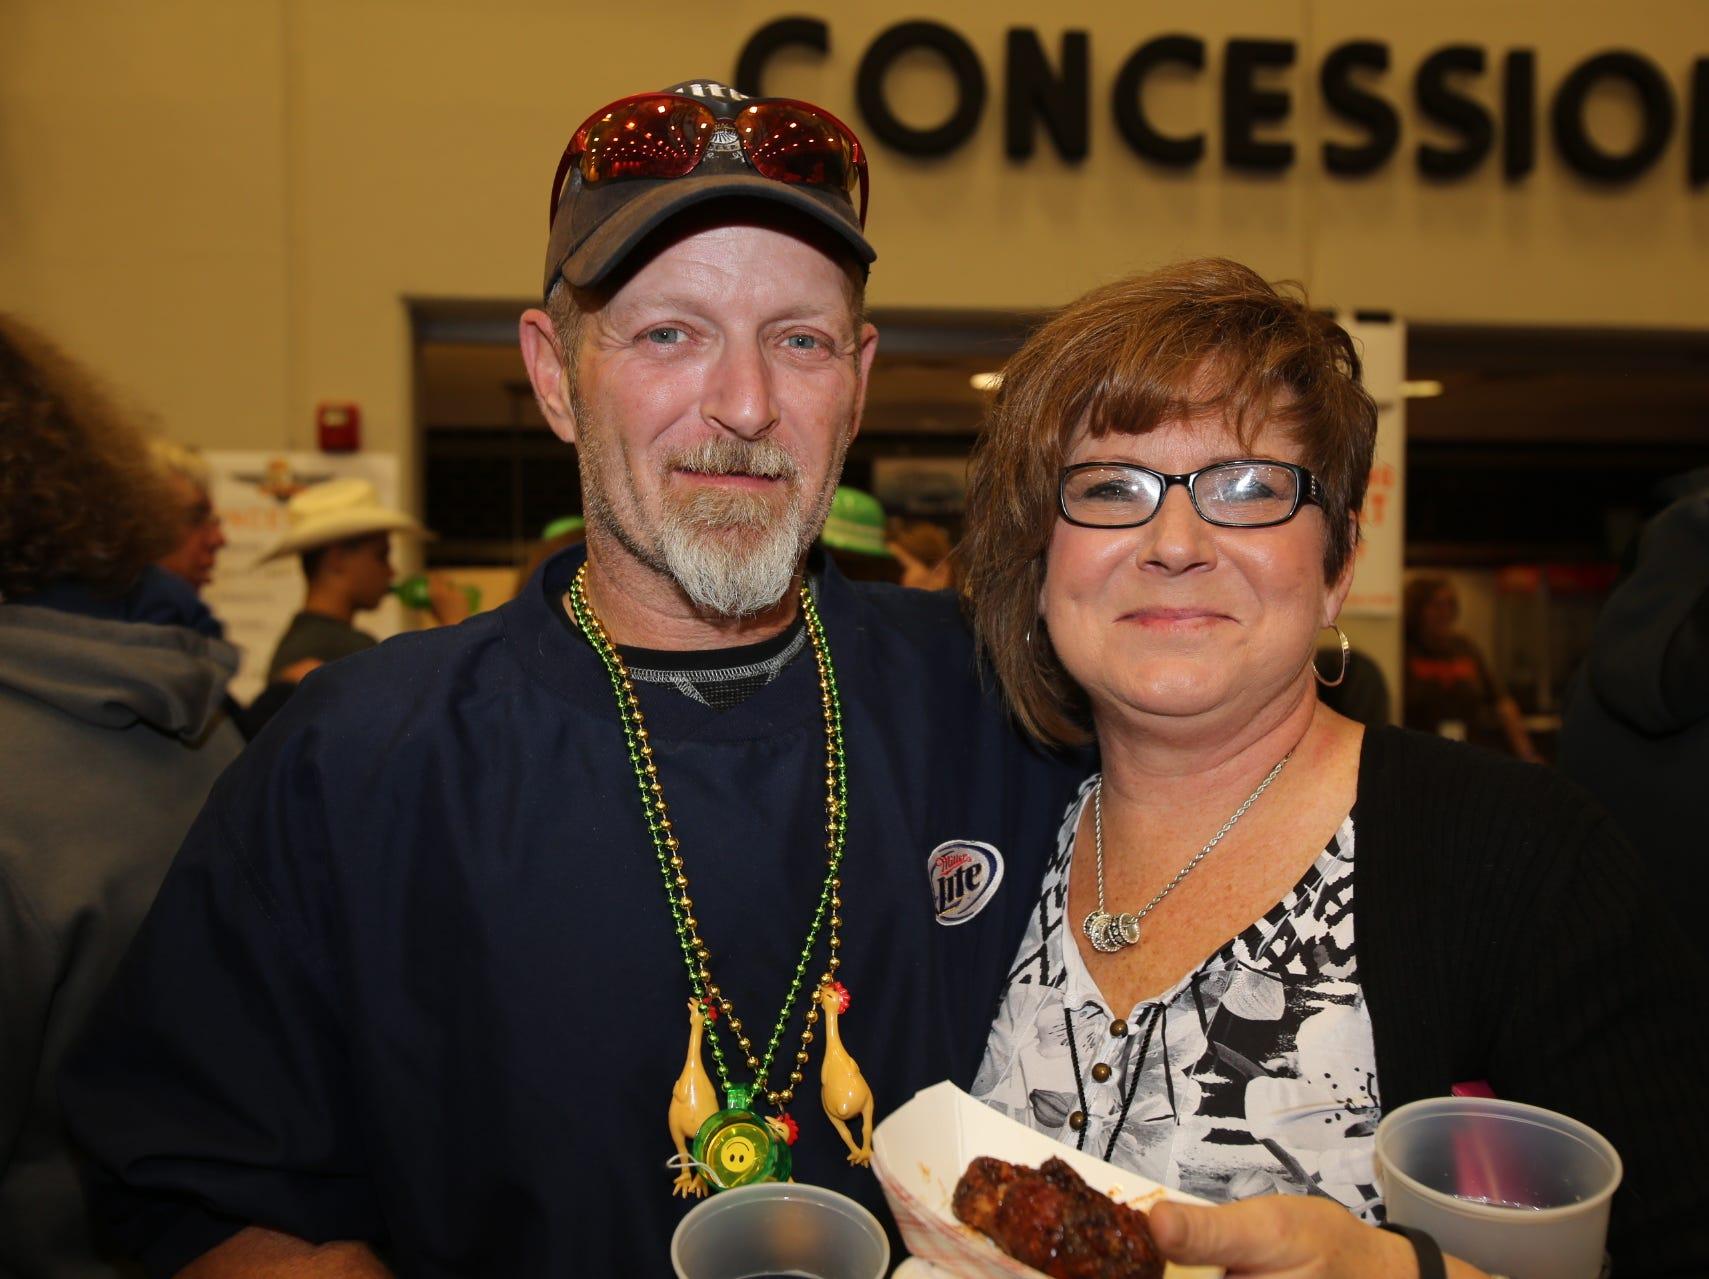 Robert Dureault and Janet Peck